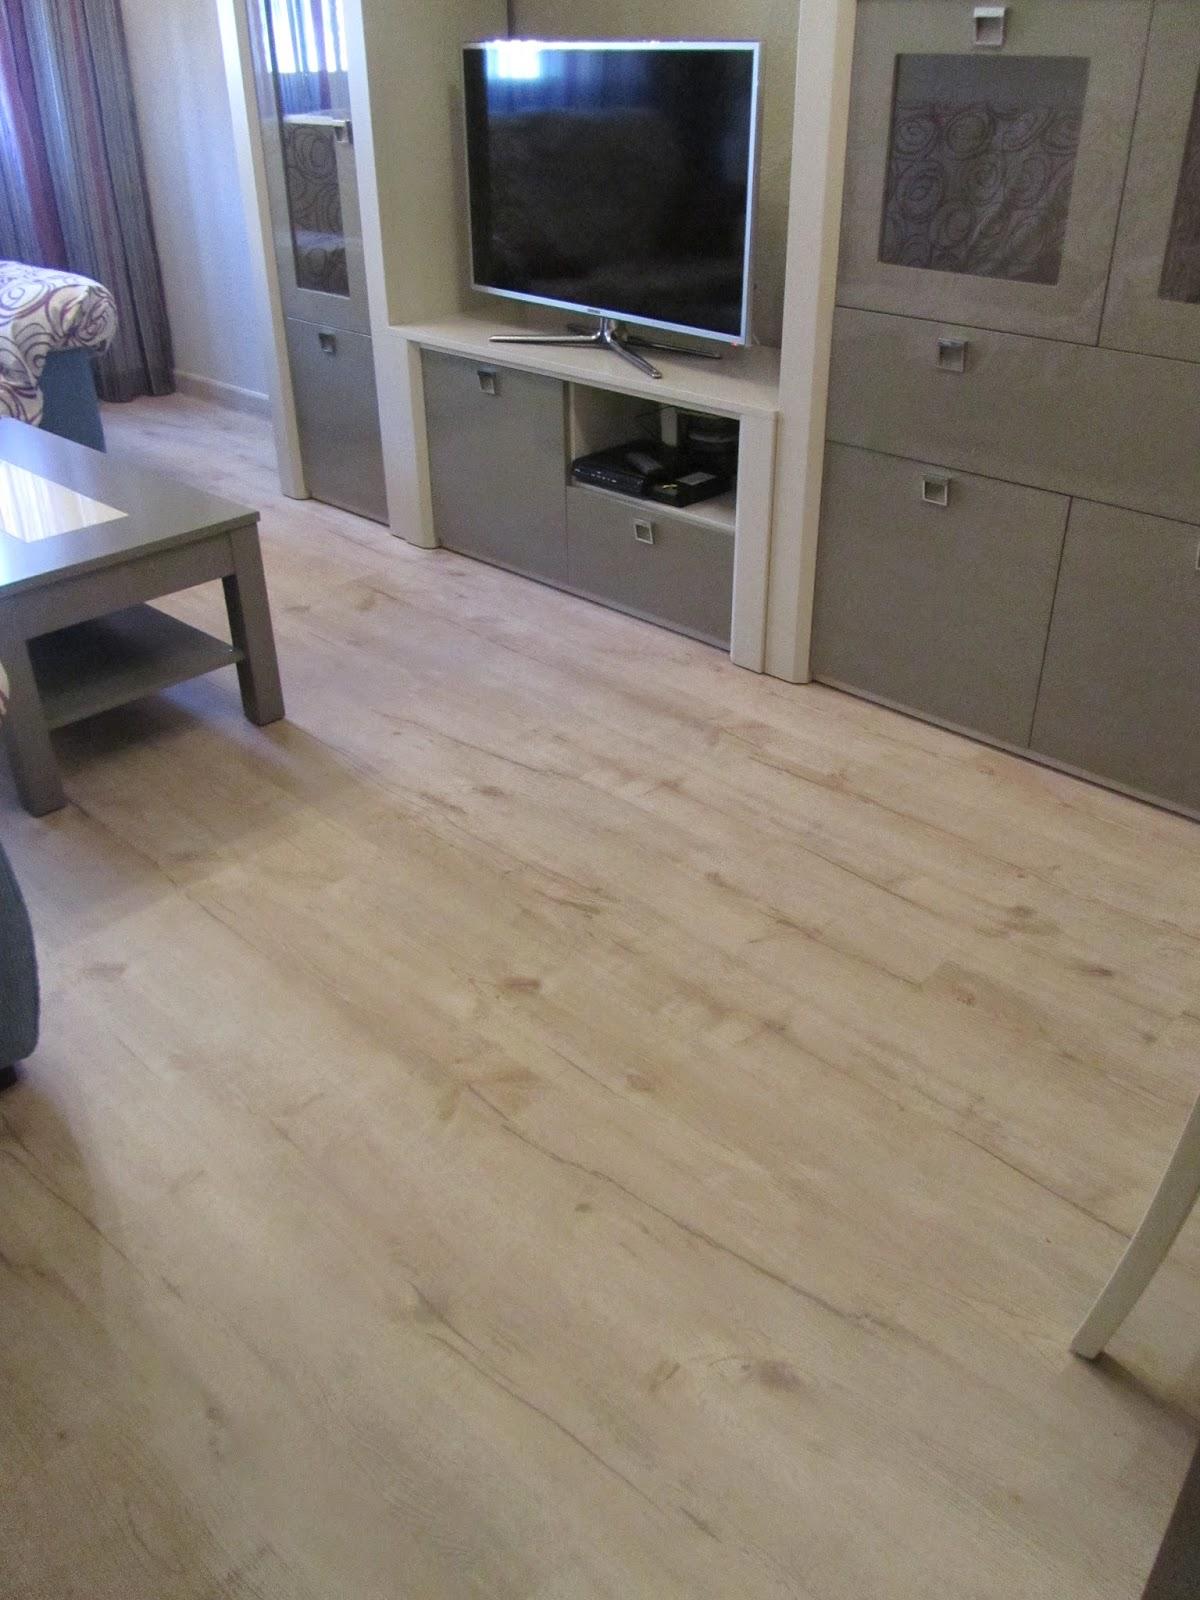 Combinar suelo y puertas perfect combinar suelo puertas for Combinar parquet y muebles